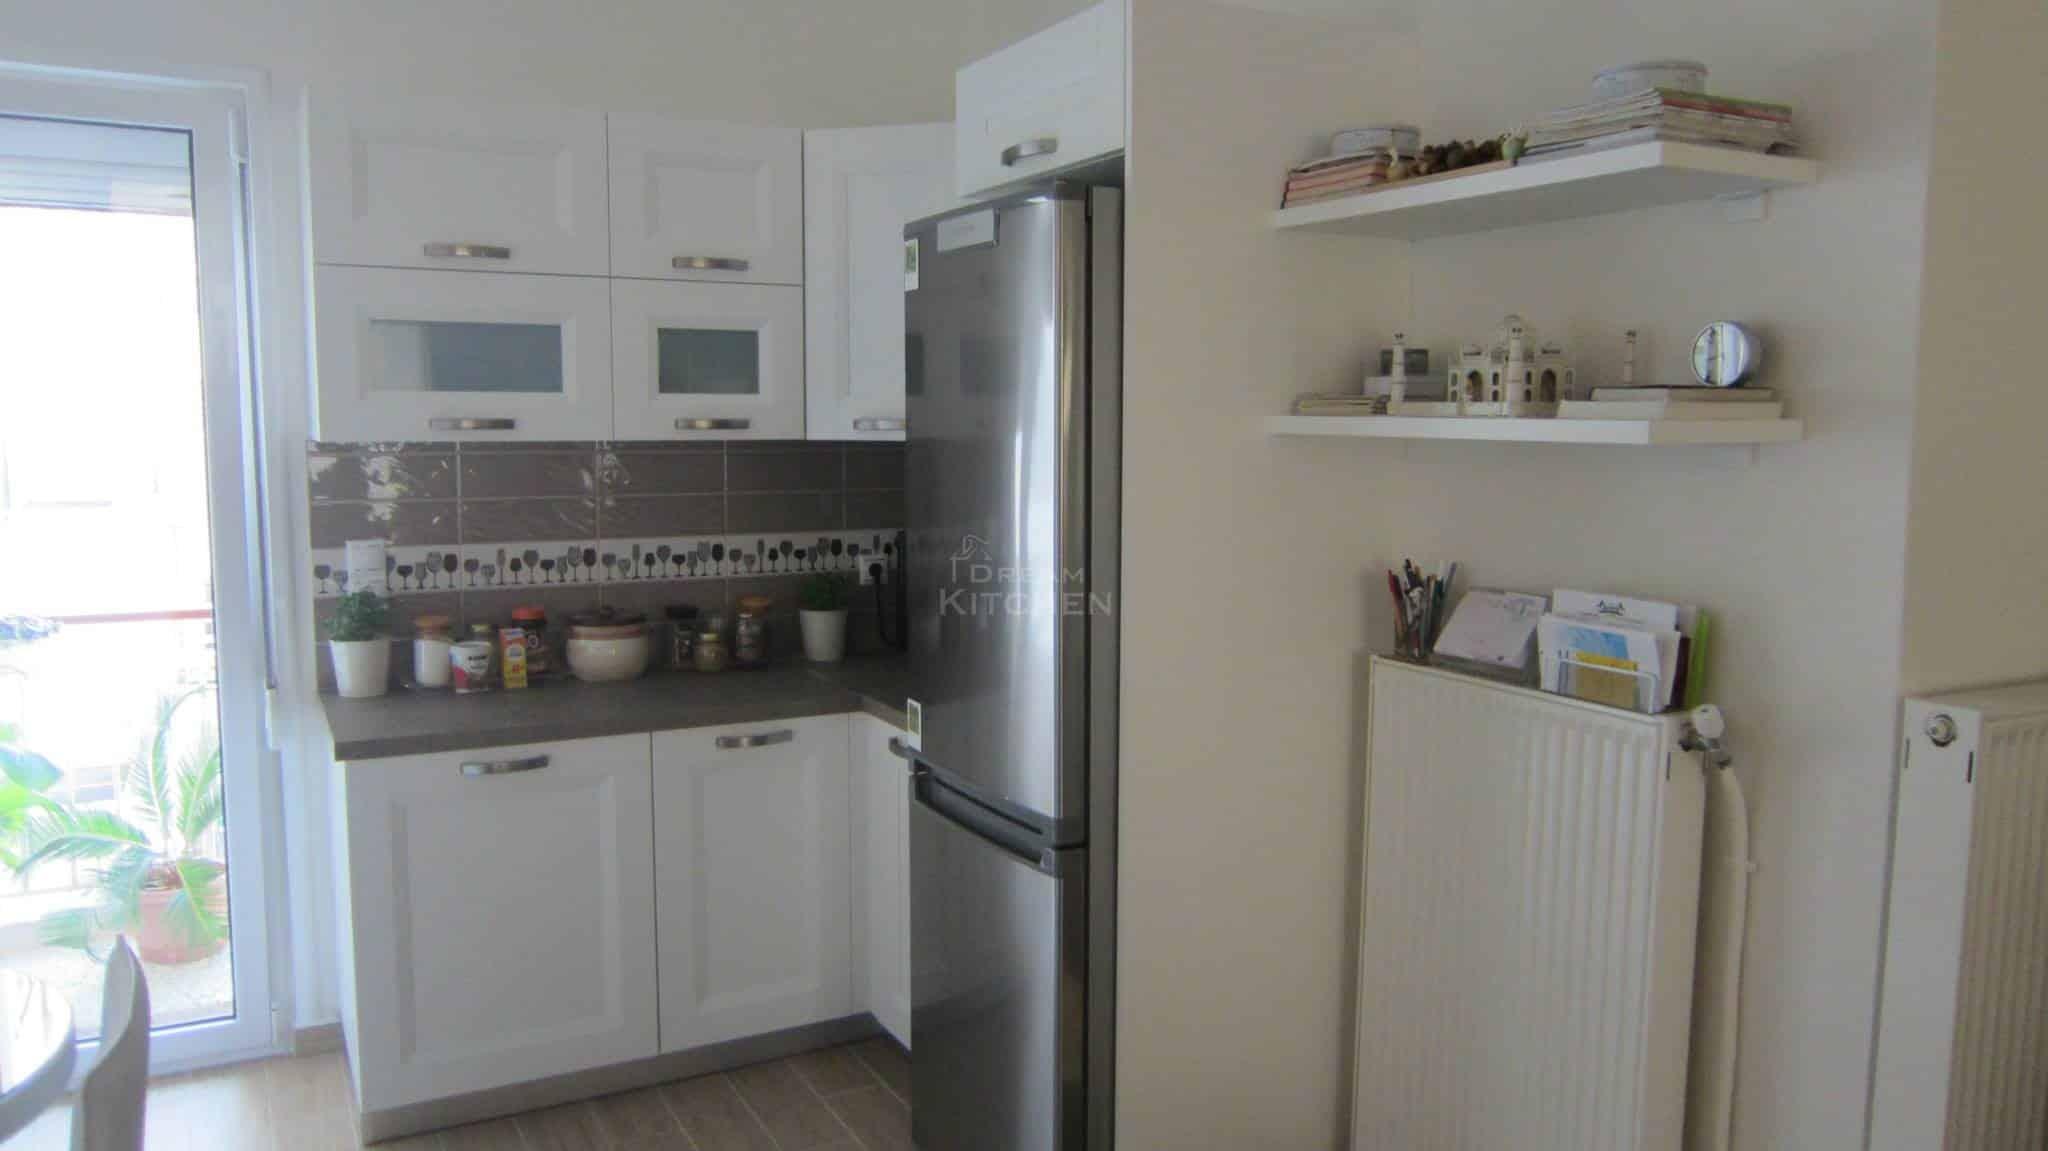 Κουζινα Πολυμερικο σε λευκο χρωματισμο 13